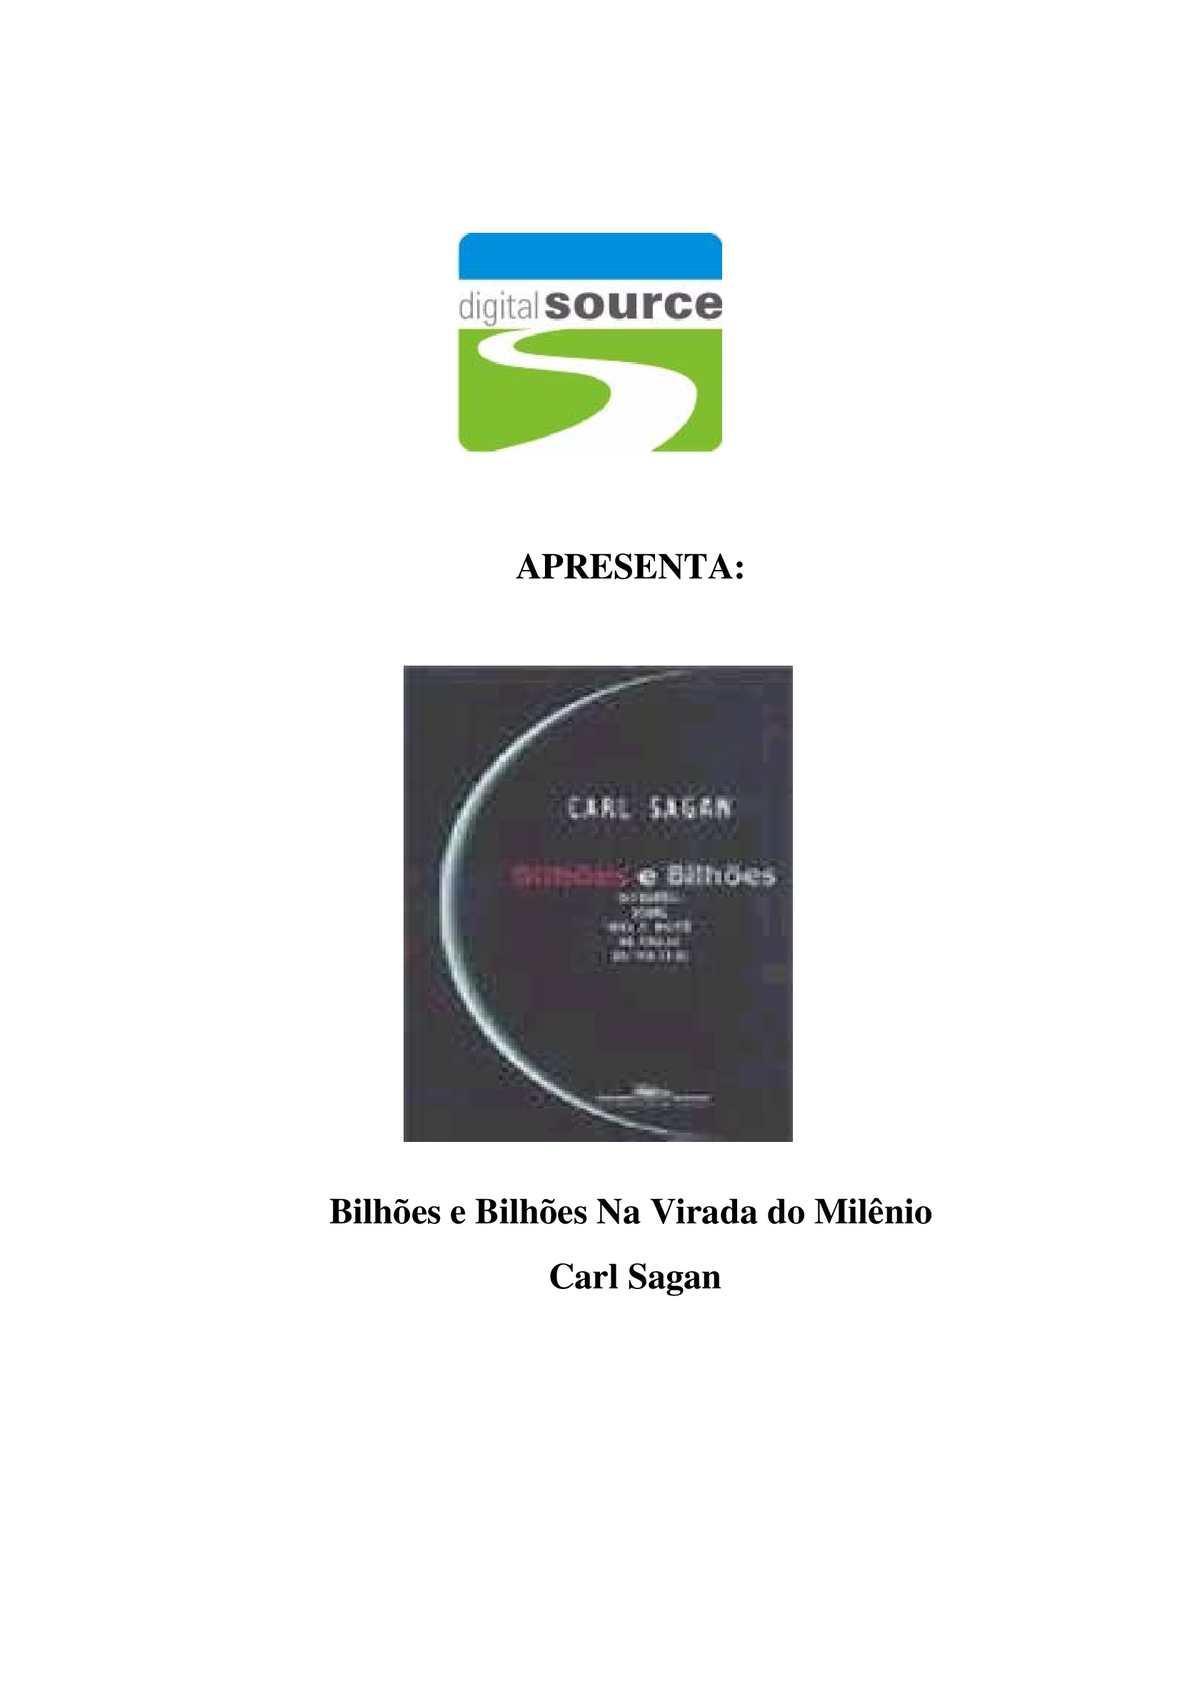 f9f185c69 Calaméo - Bilhões E Bilhões Carl Sagan